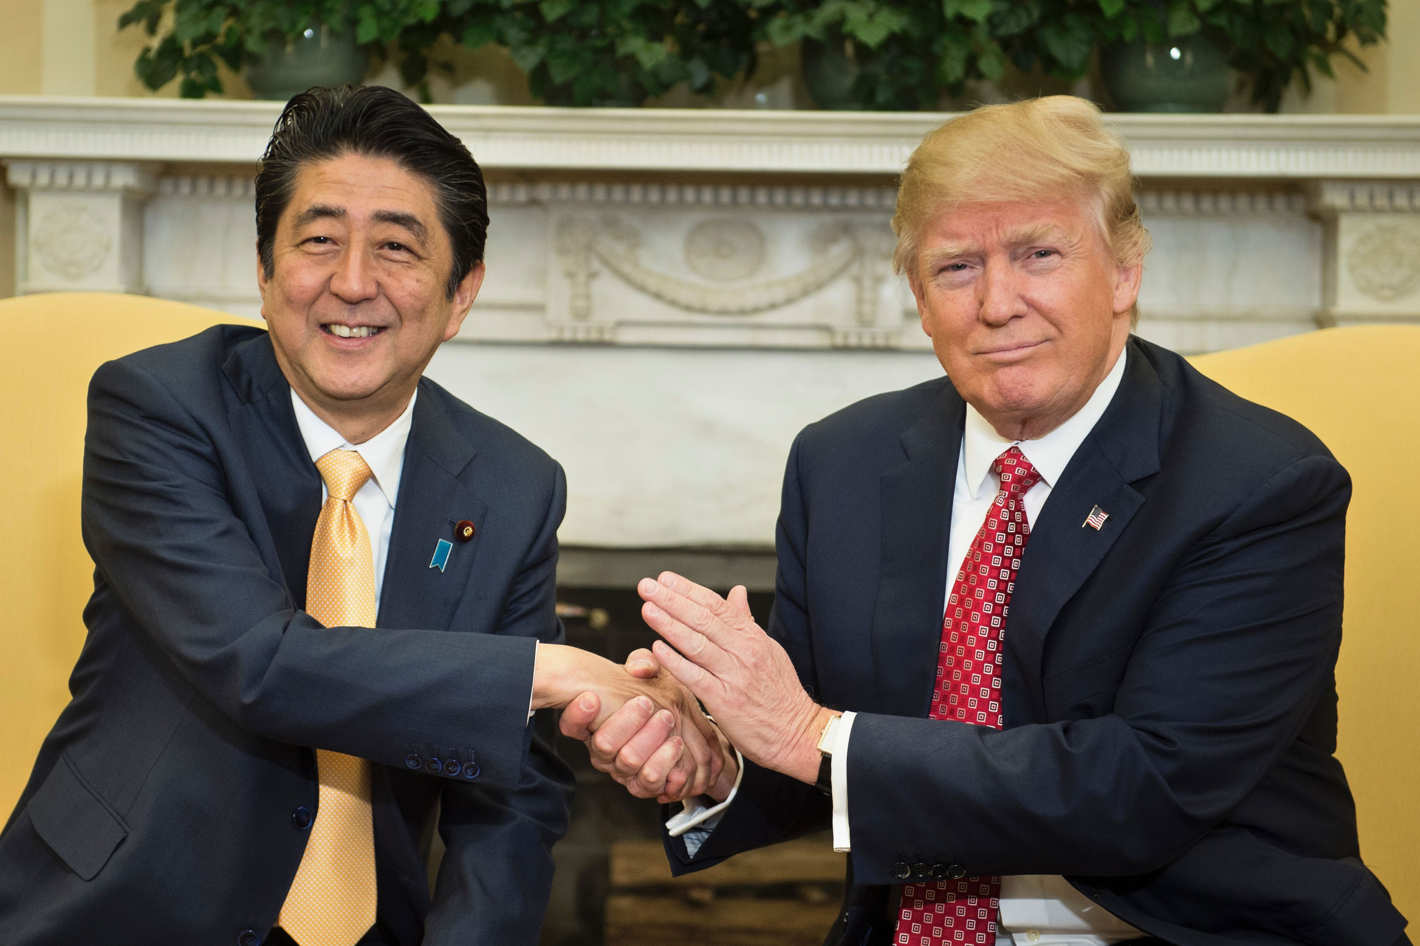 المصافحة الشهيرة بين ترمب ورئيس الوزراء الياباني آبي